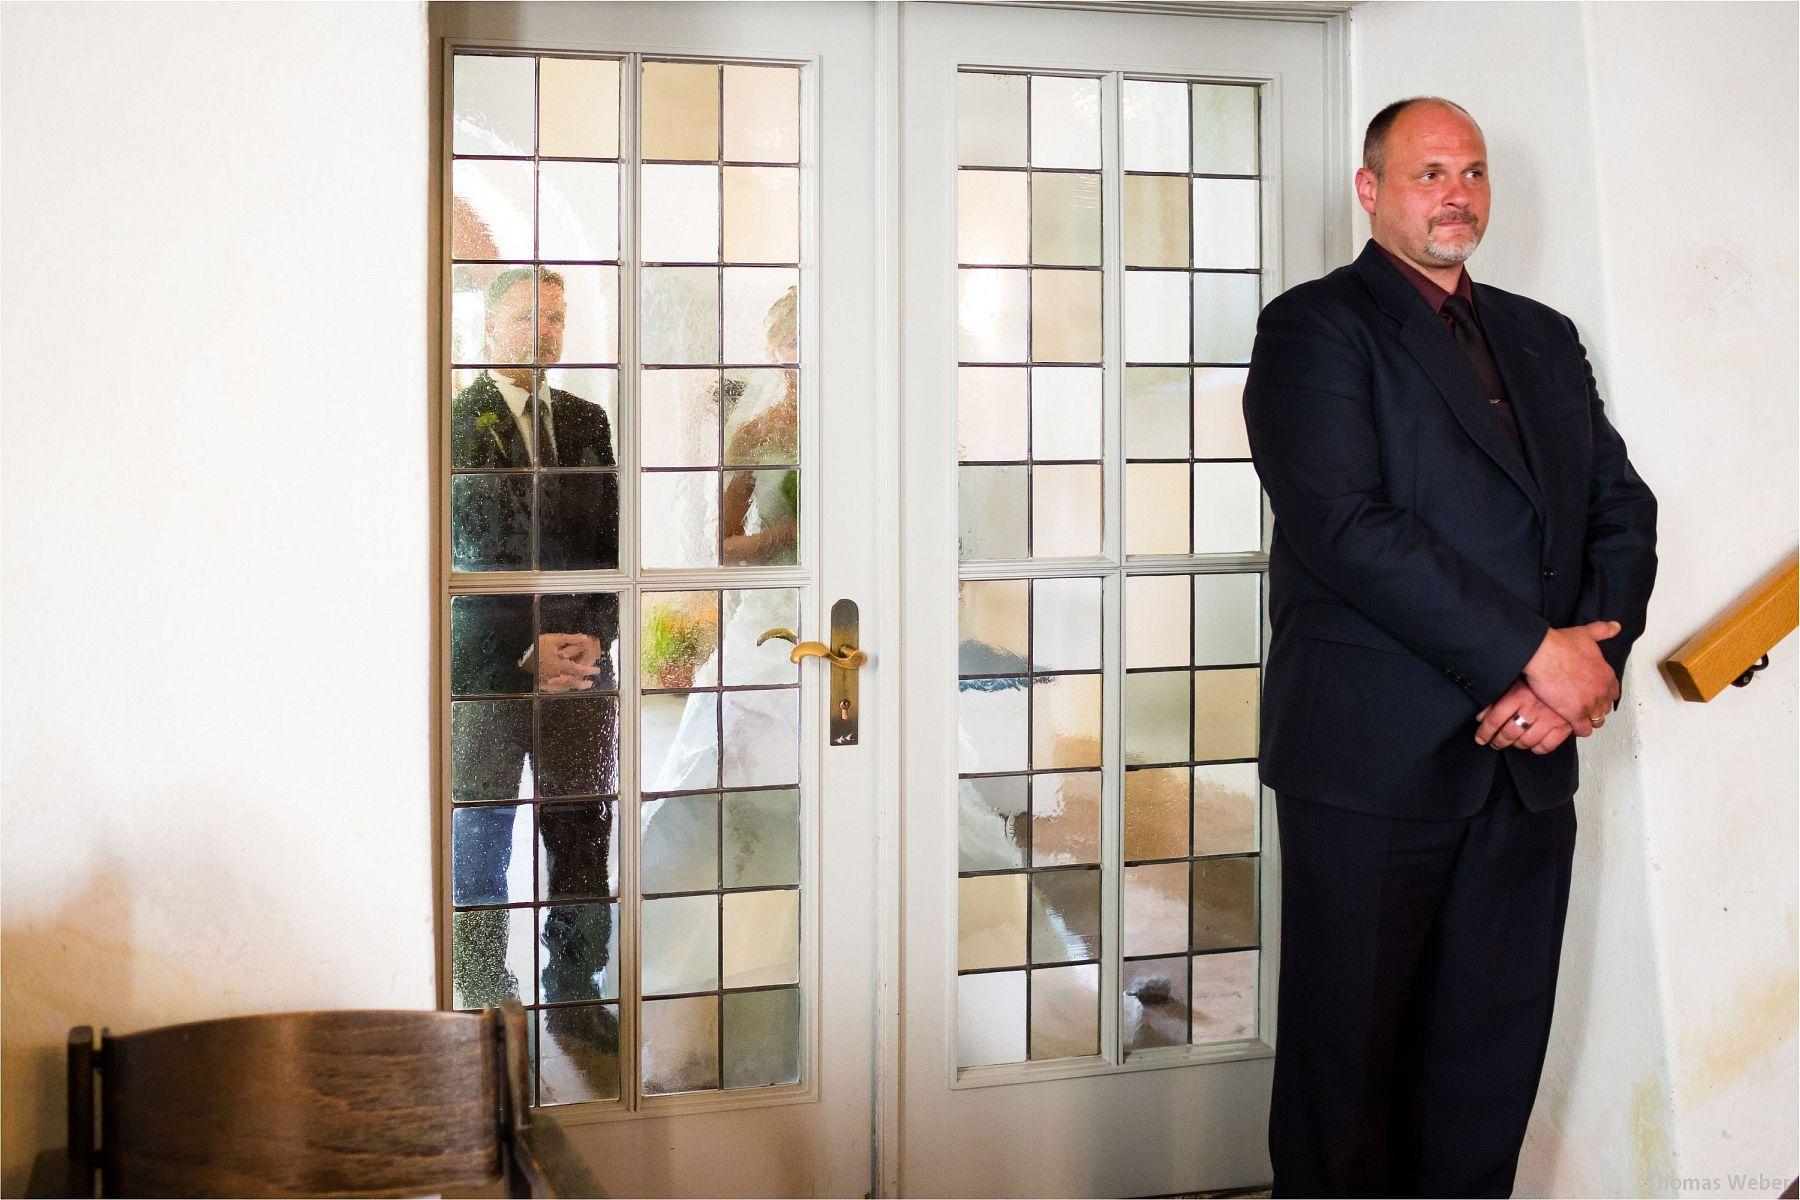 Hochzeitsfotograf Papenburg: Standesamtliche Trauung auf der Burg Kniphausen und Feier im Le Patron am Meer (28)